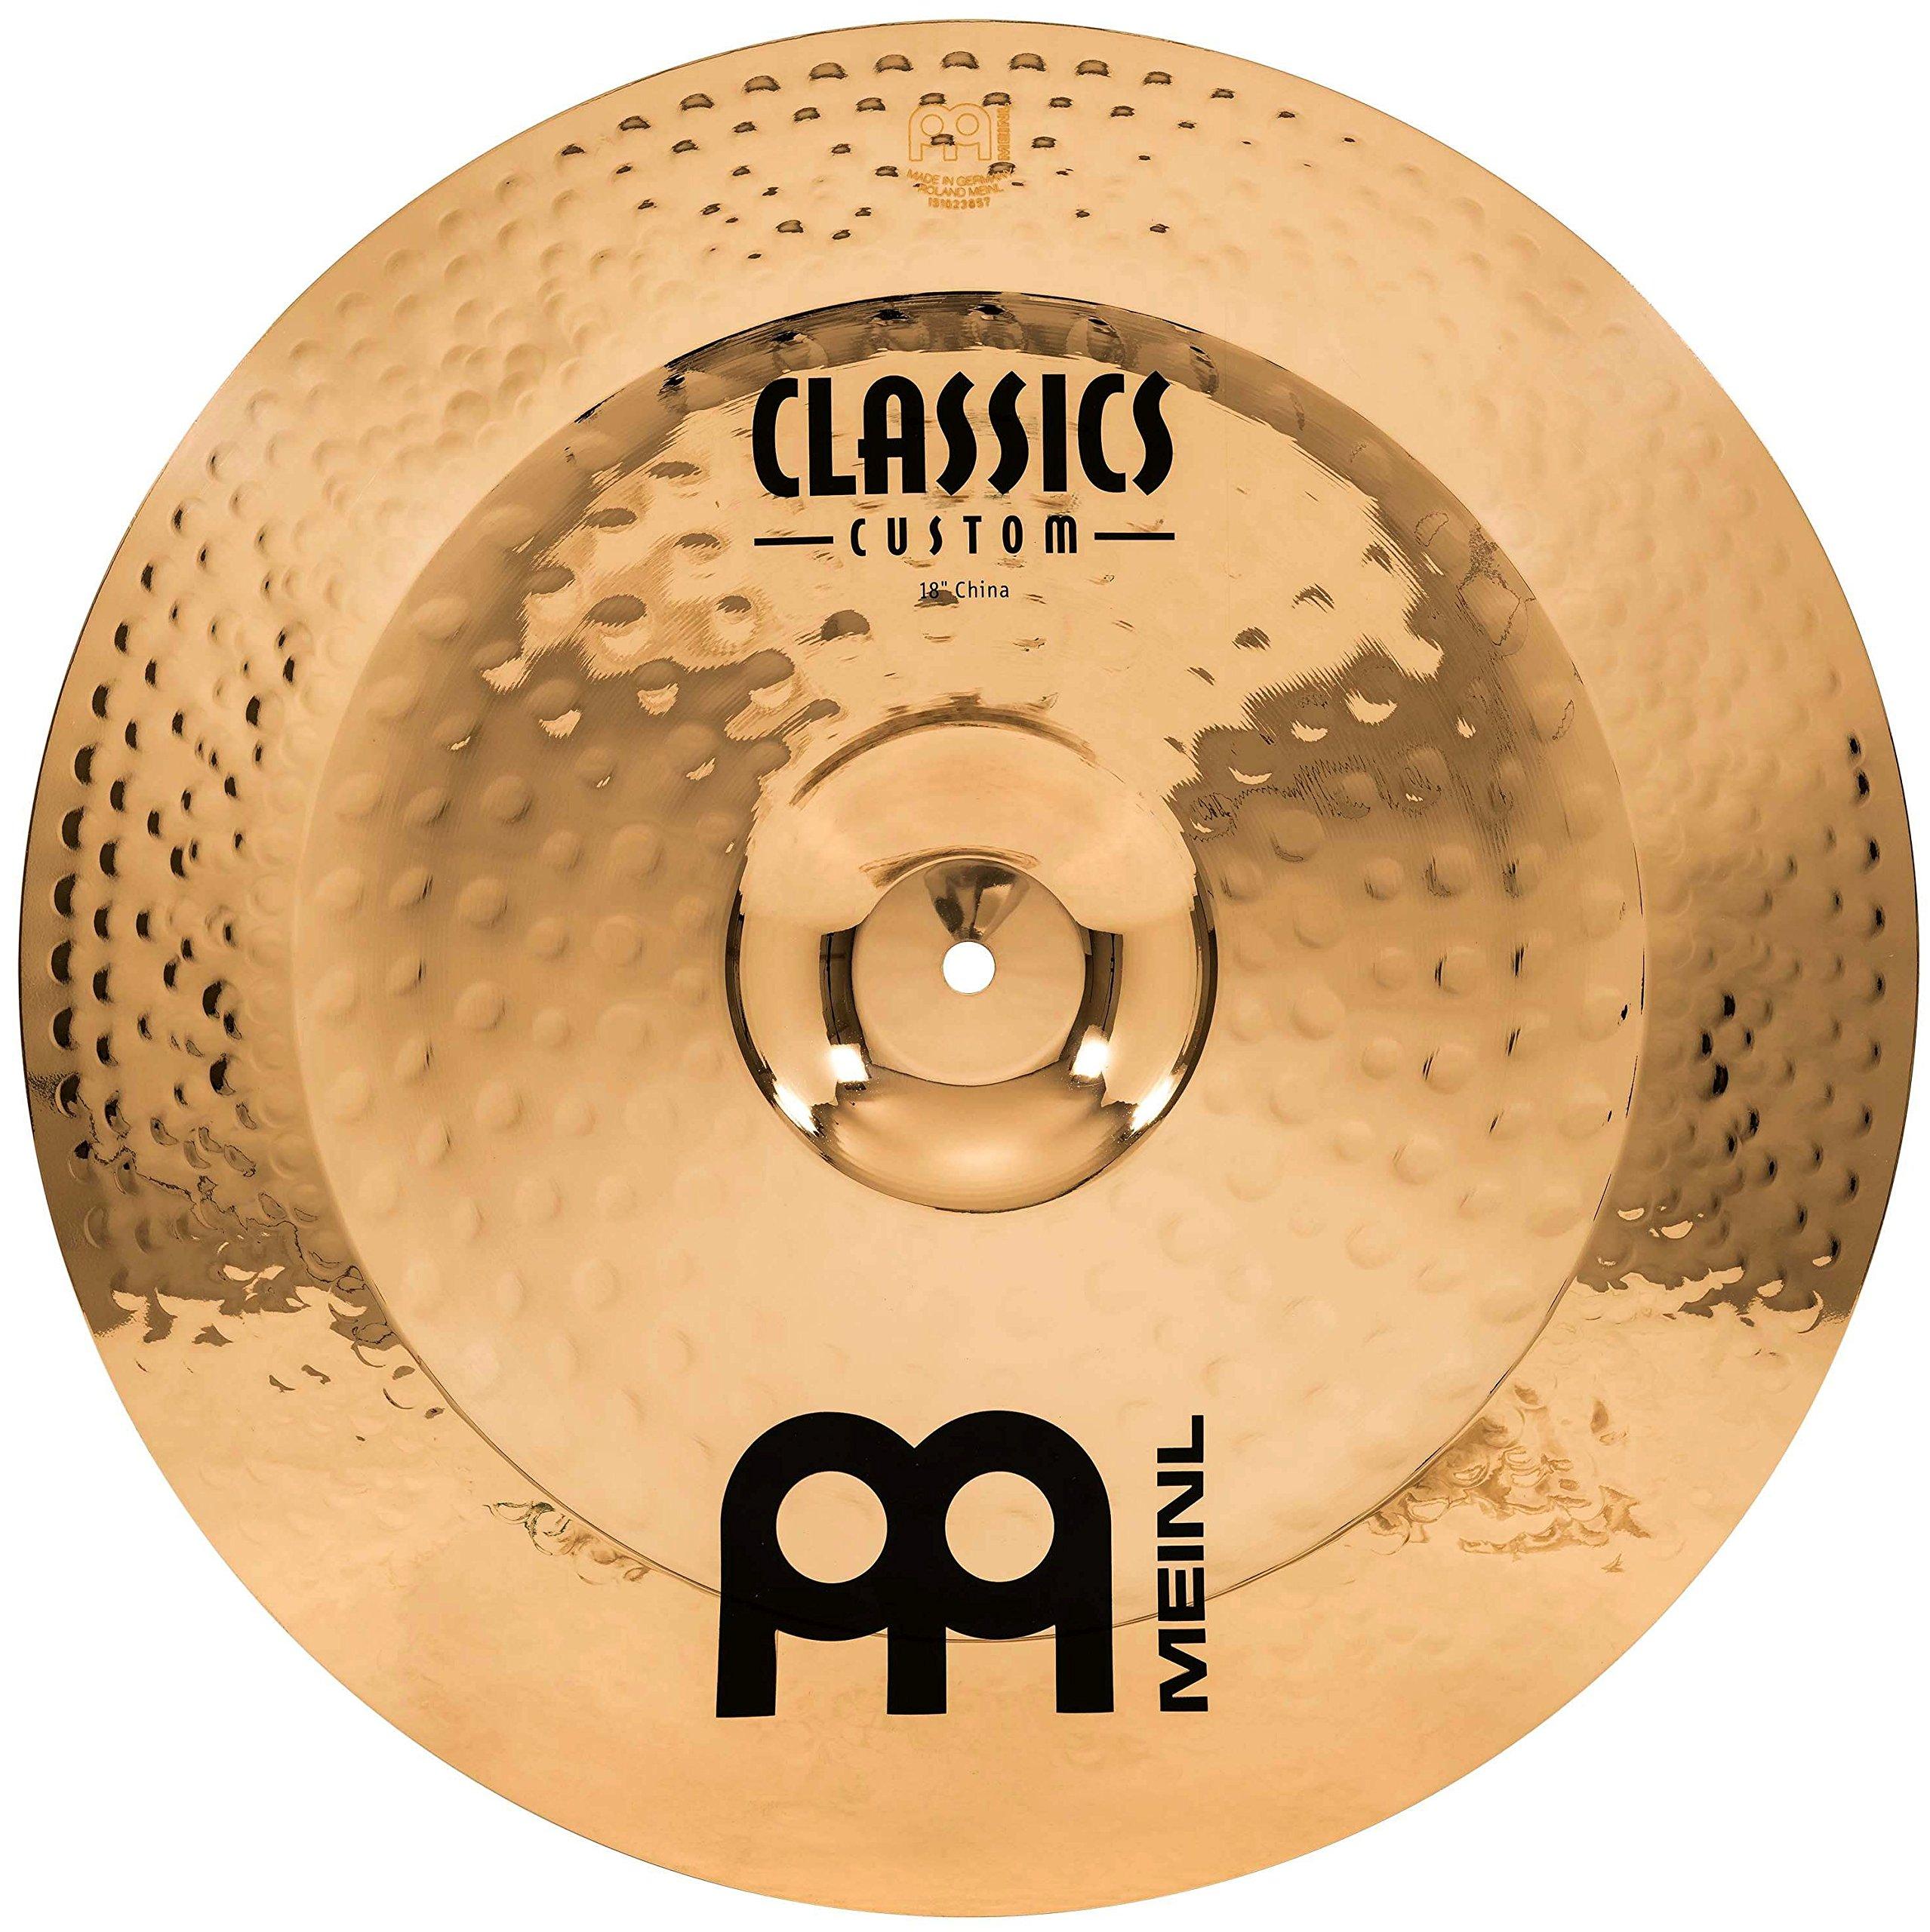 Meinl 18'' China Cymbal - Classics Custom Brilliant - Made In Germany, 2-YEAR WARRANTY (CC18CH-B)